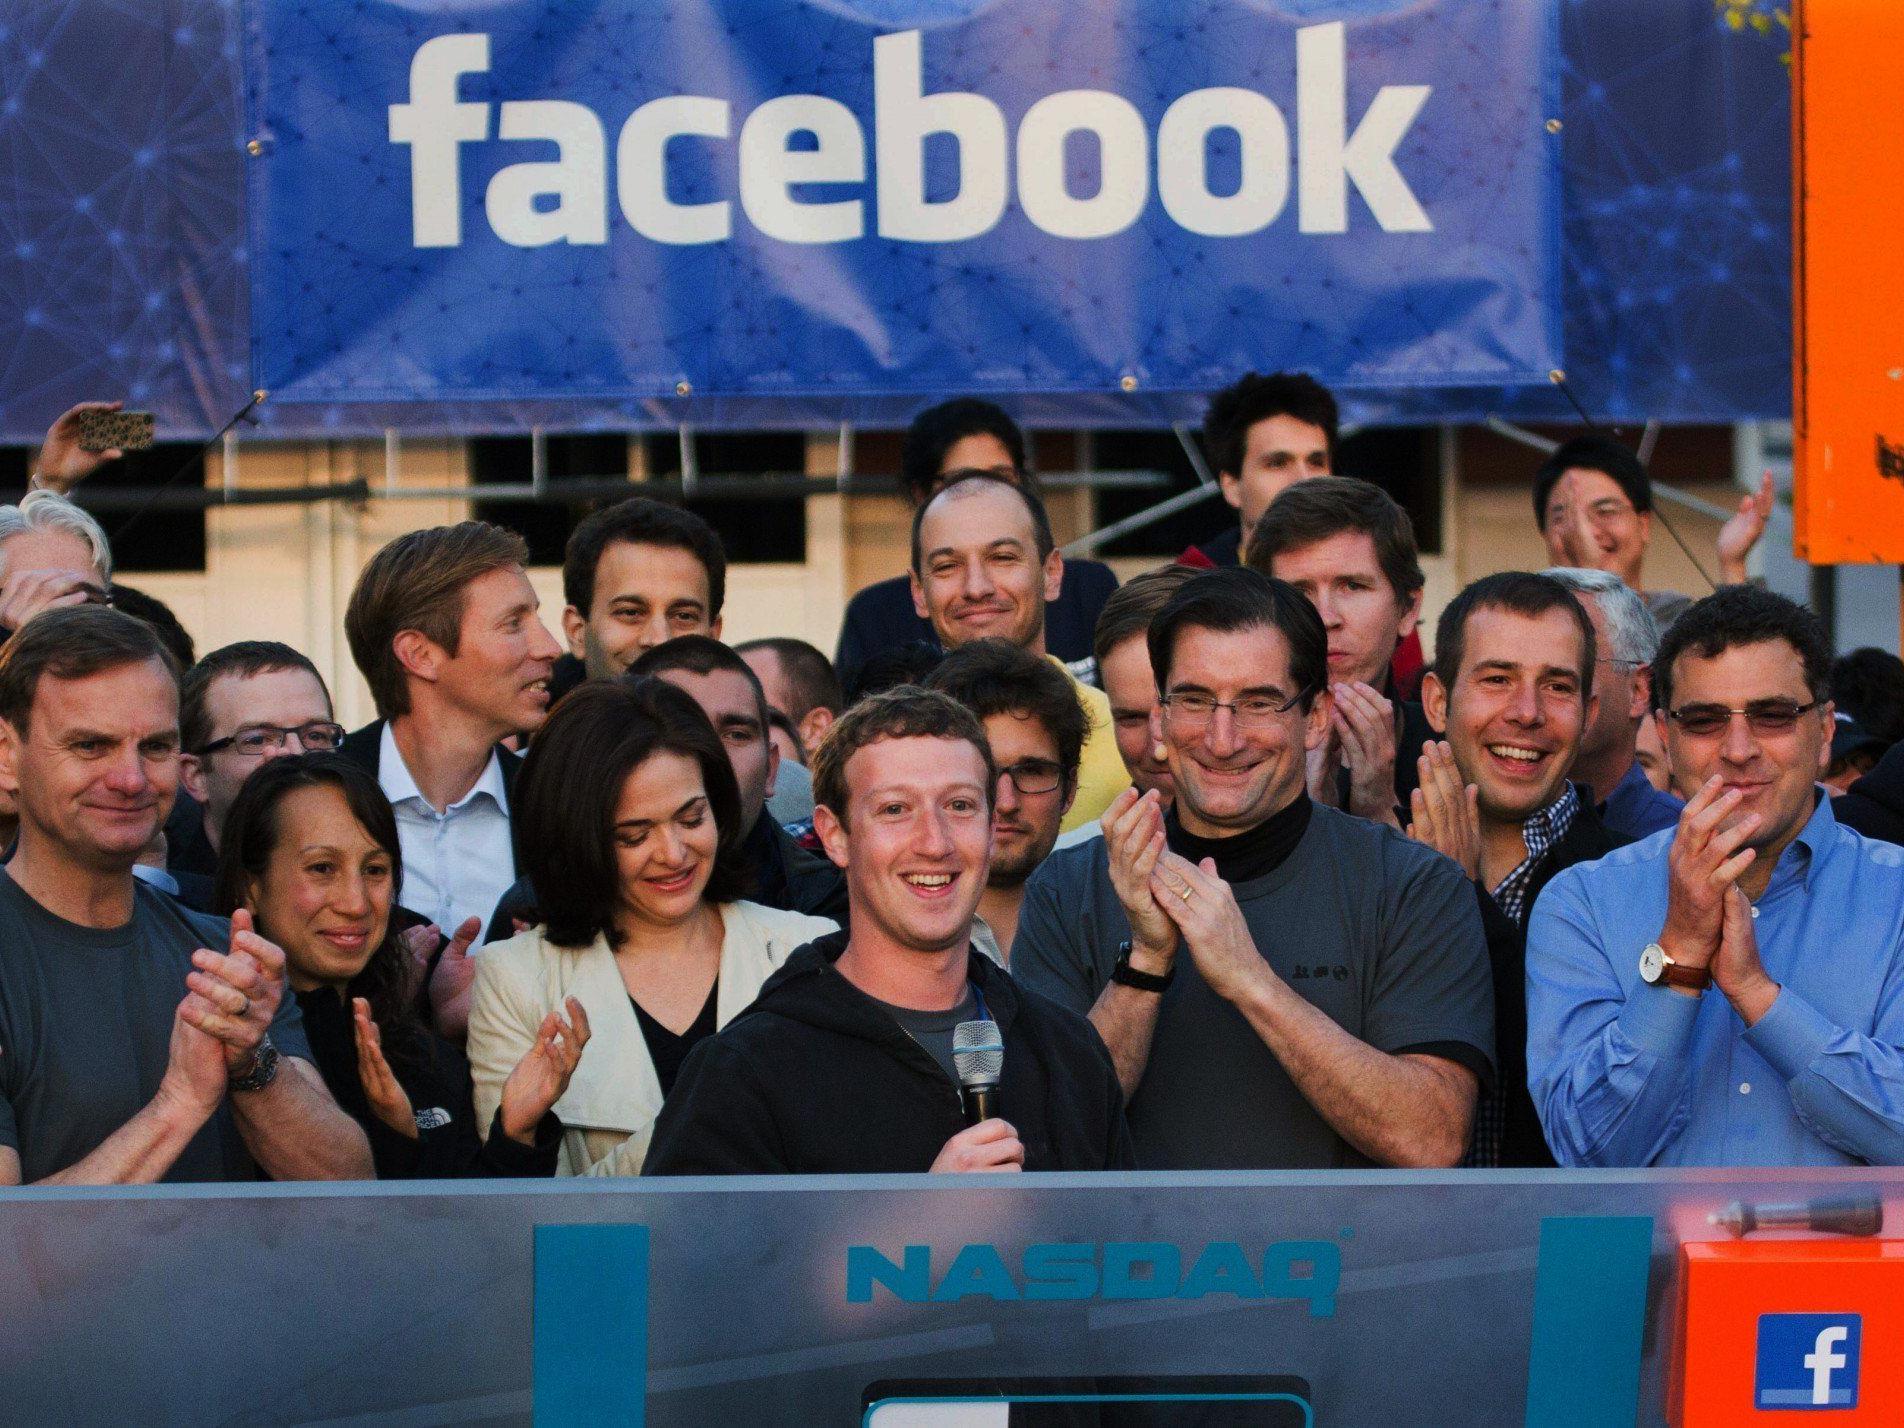 Facebook-Gründer Mark Zuckerberg beim Börsengang des Soziales Netzwerks in New York.